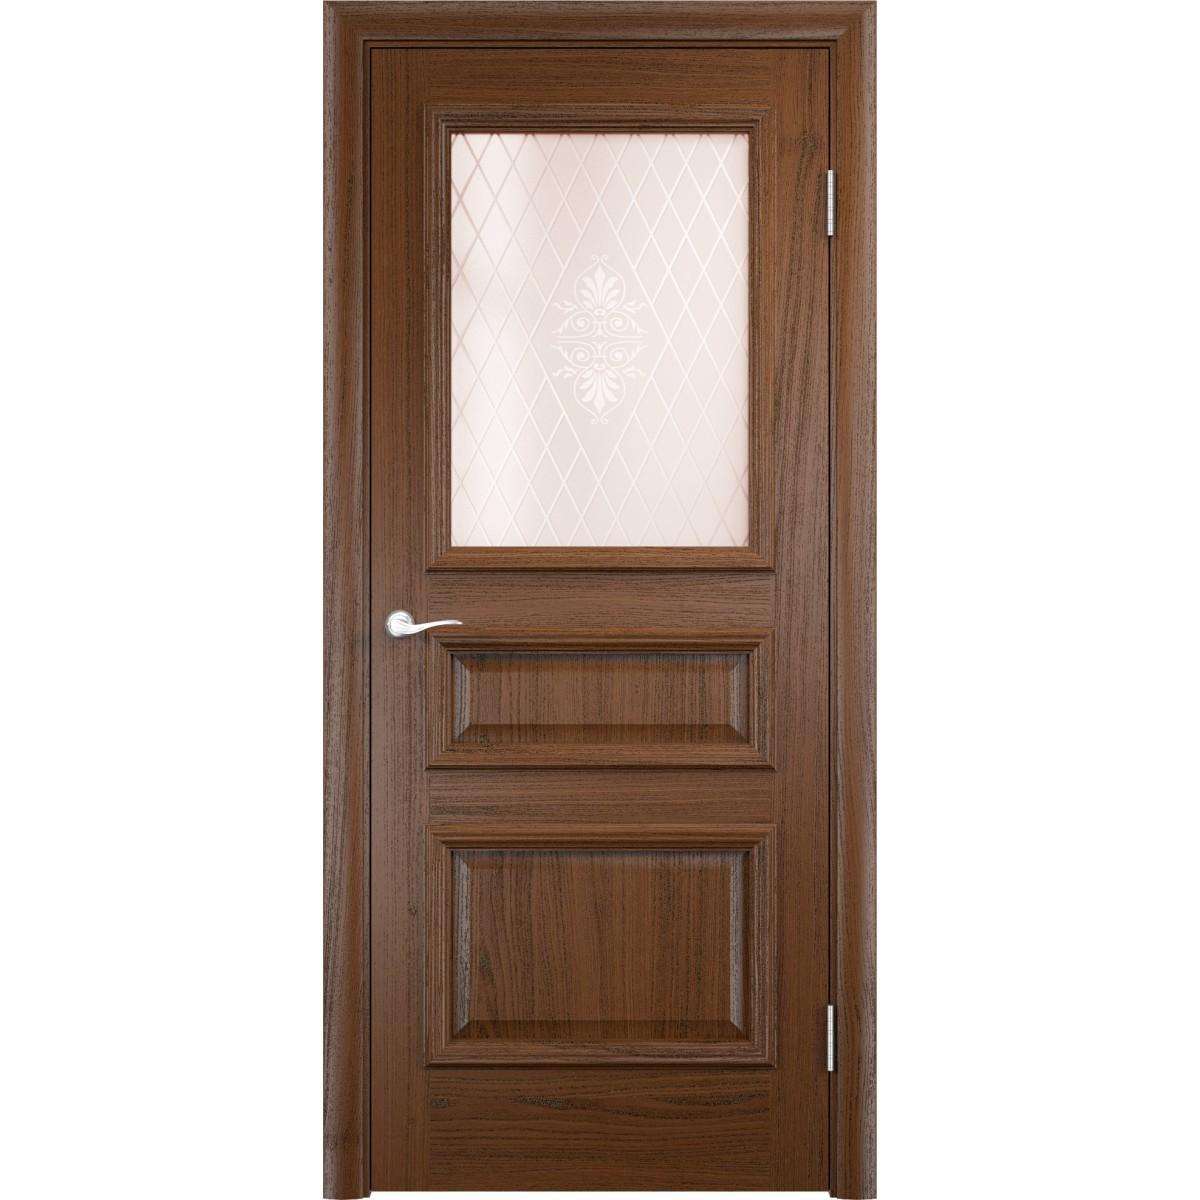 Дверь межкомнатная остеклённая «Мадрид» 70x200 см шпон цвет тёмный дуб